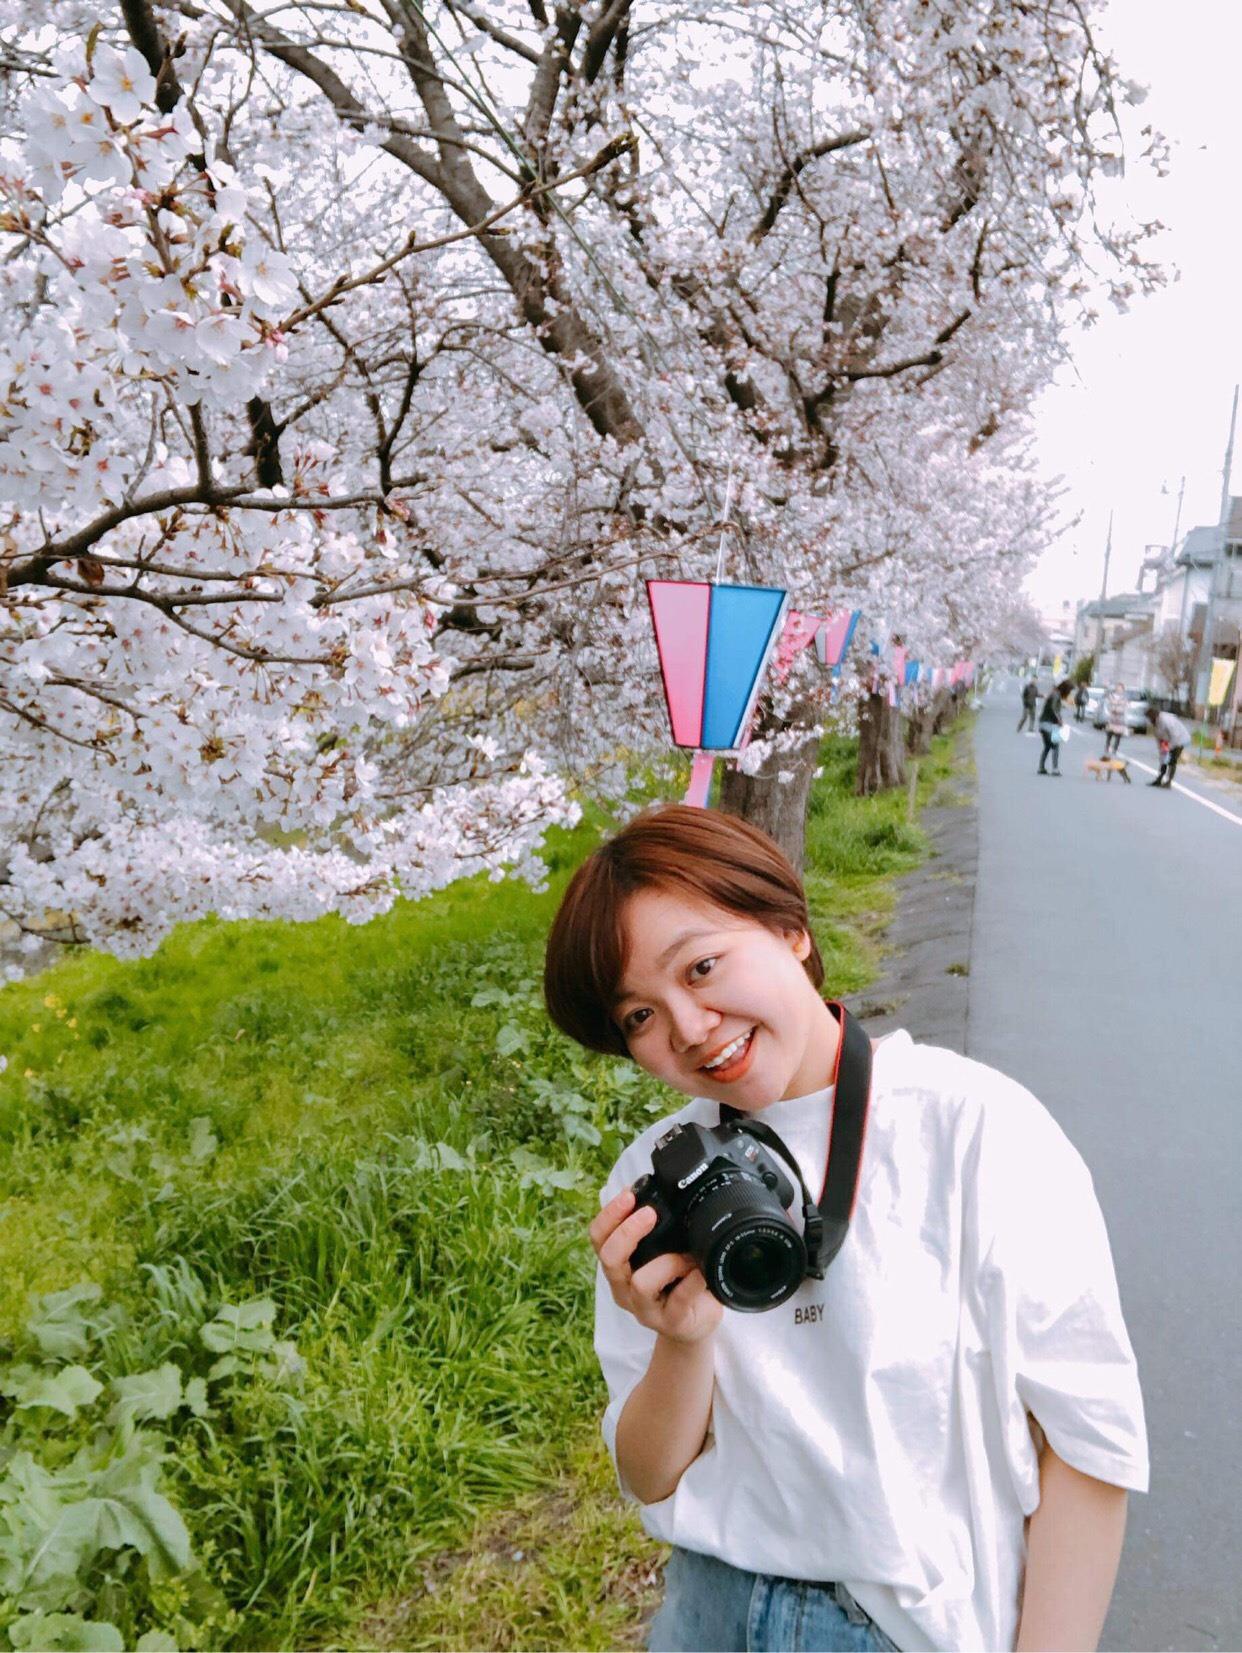 """Gặp gỡ cô nàng Nhân Mã với đam mê mang văn hóa và trải nghiệm """"chuẩn Nhật"""" về Việt Nam - Ảnh 1."""